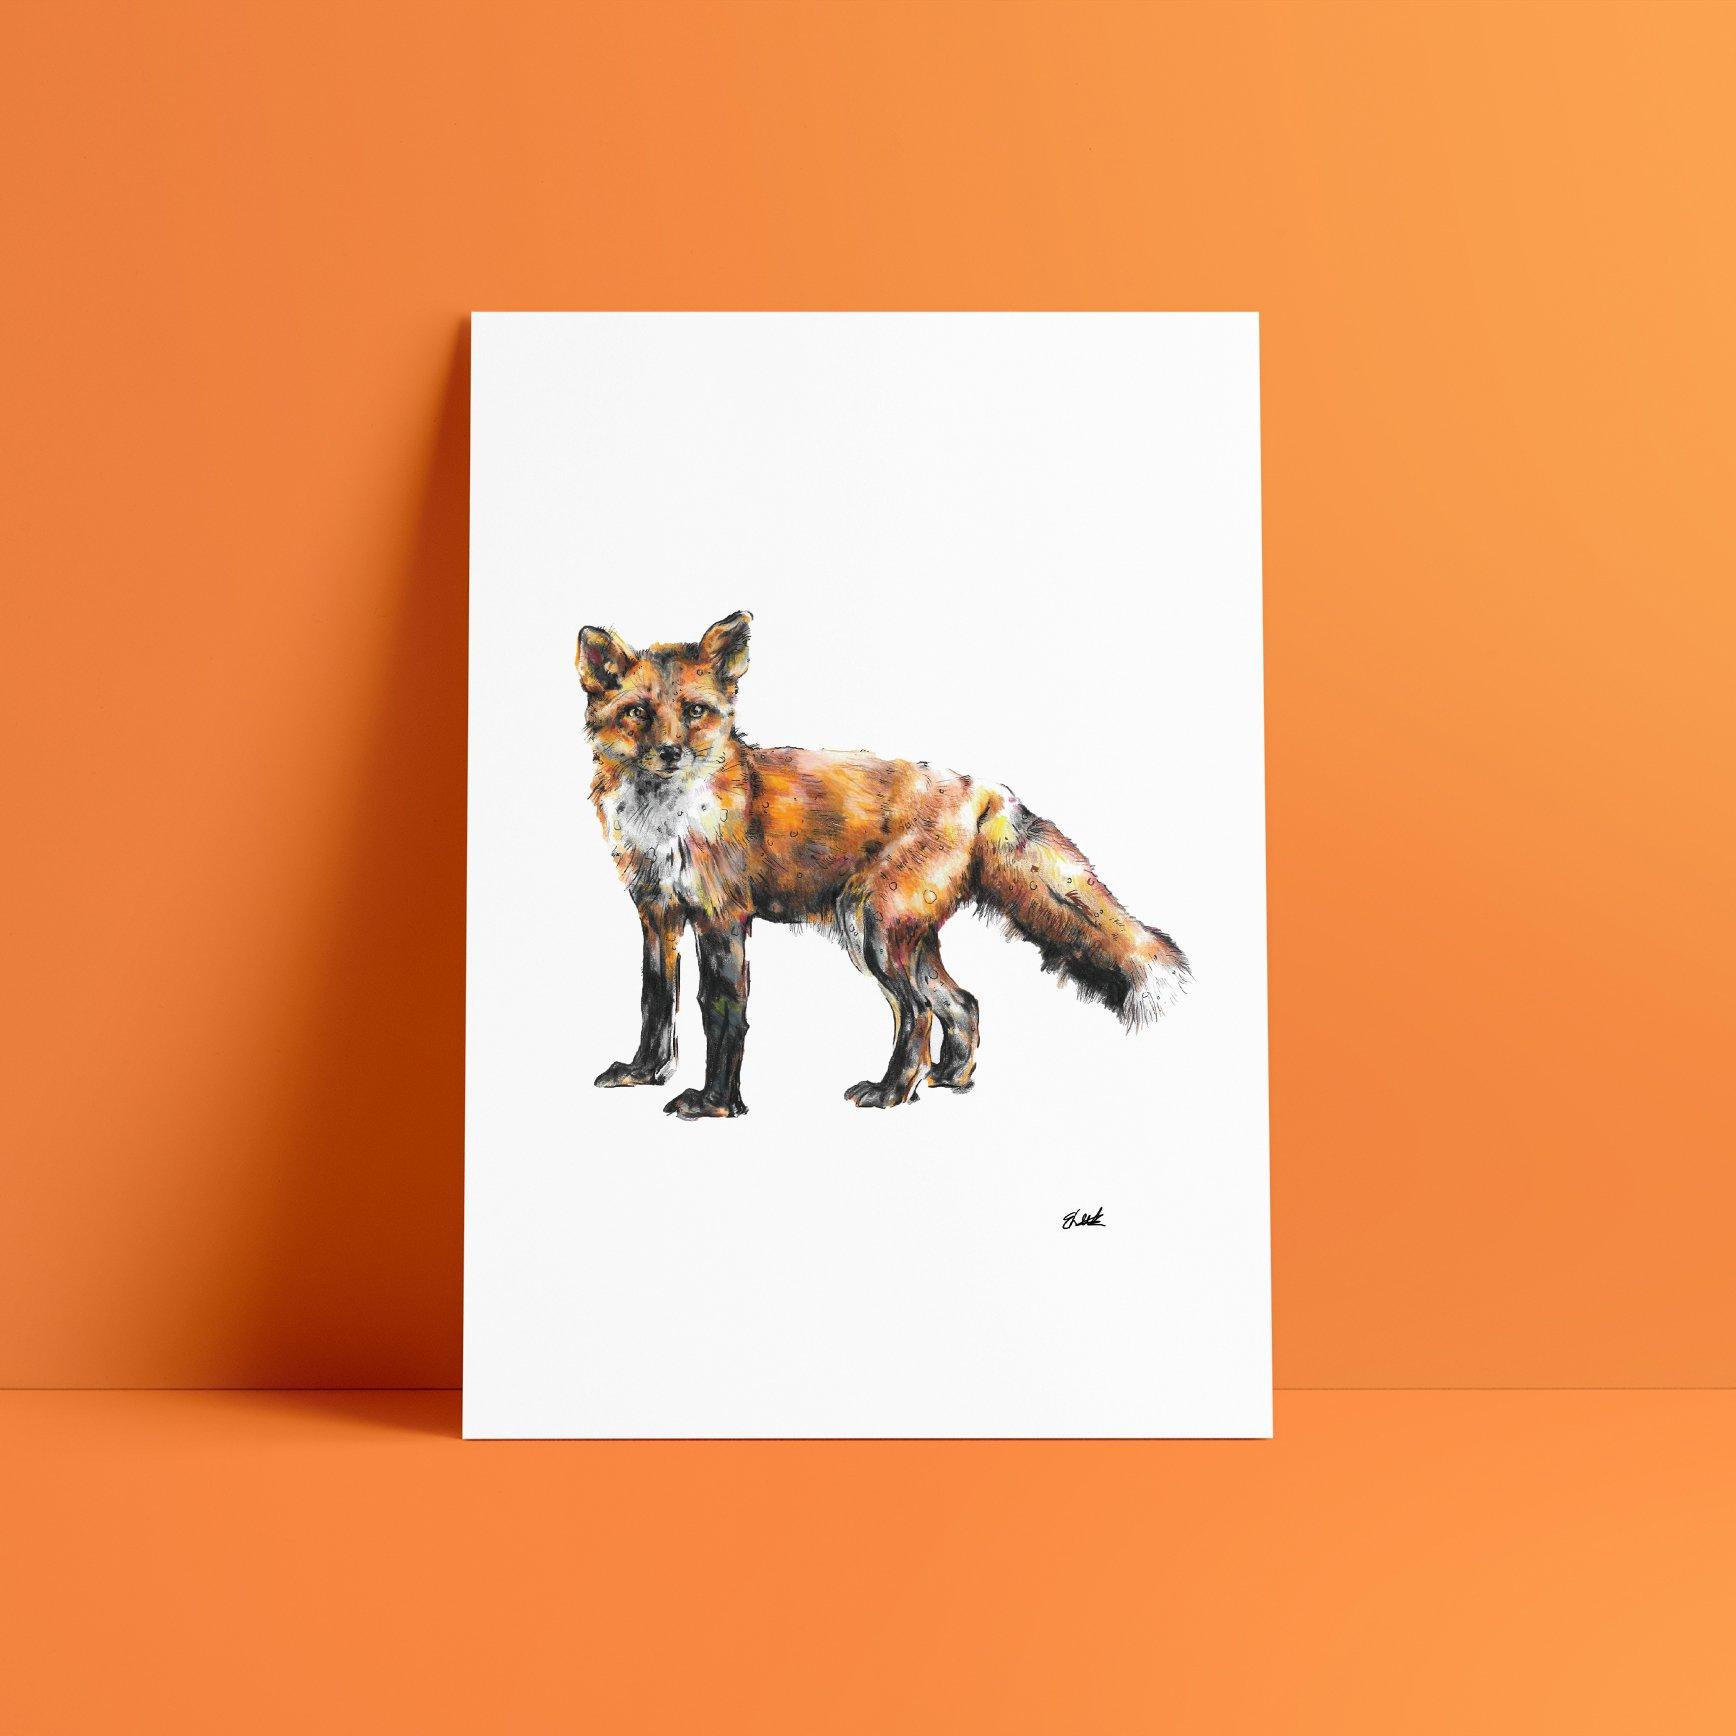 FOX_PRINT_1800x1800.jpg